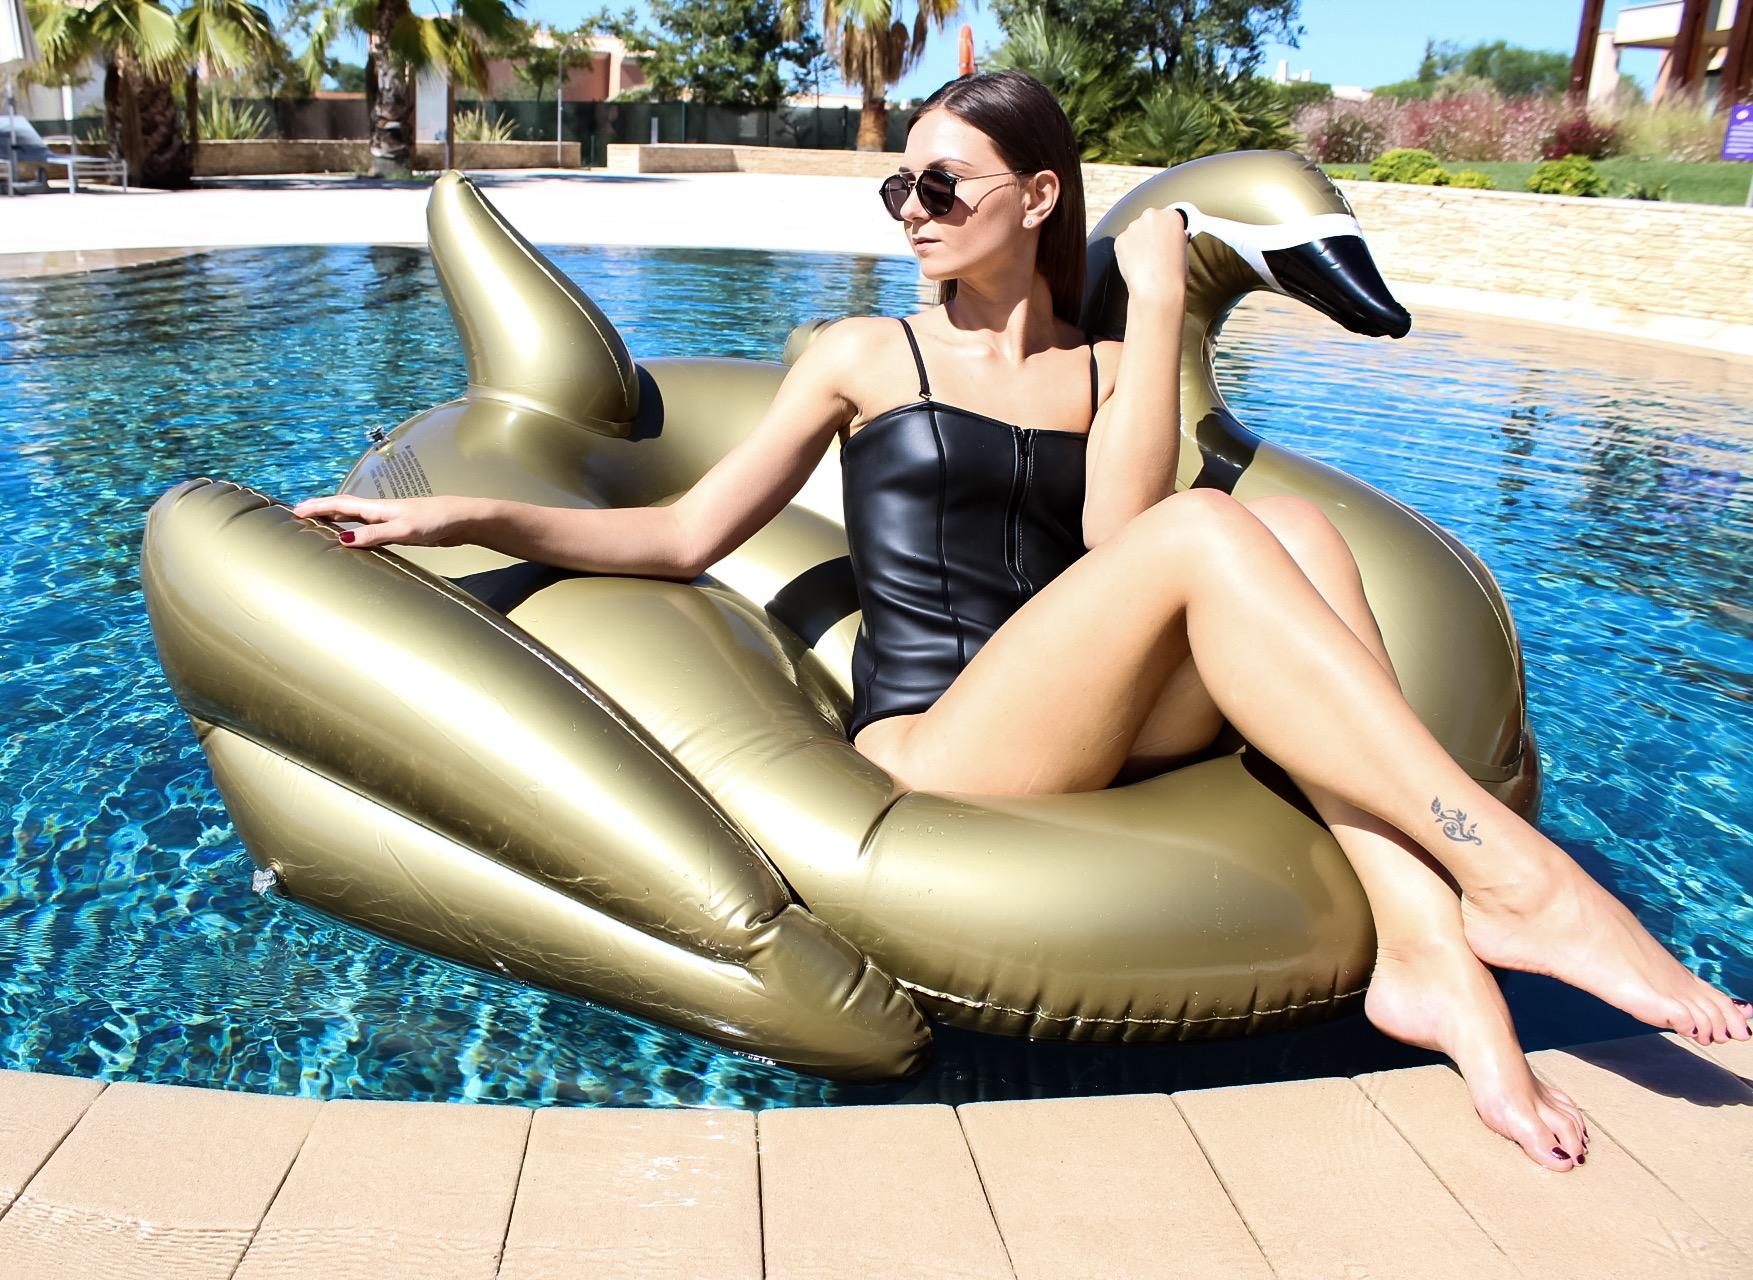 Bouée gonflable Cygne Gold, fun, trendy, spécial pool party, bouée pour la piscine et la plage, matériel en PVC environnemental, taille XL, pour une personne, couleur Gold - Or, le meilleur des bouées pour l'été!